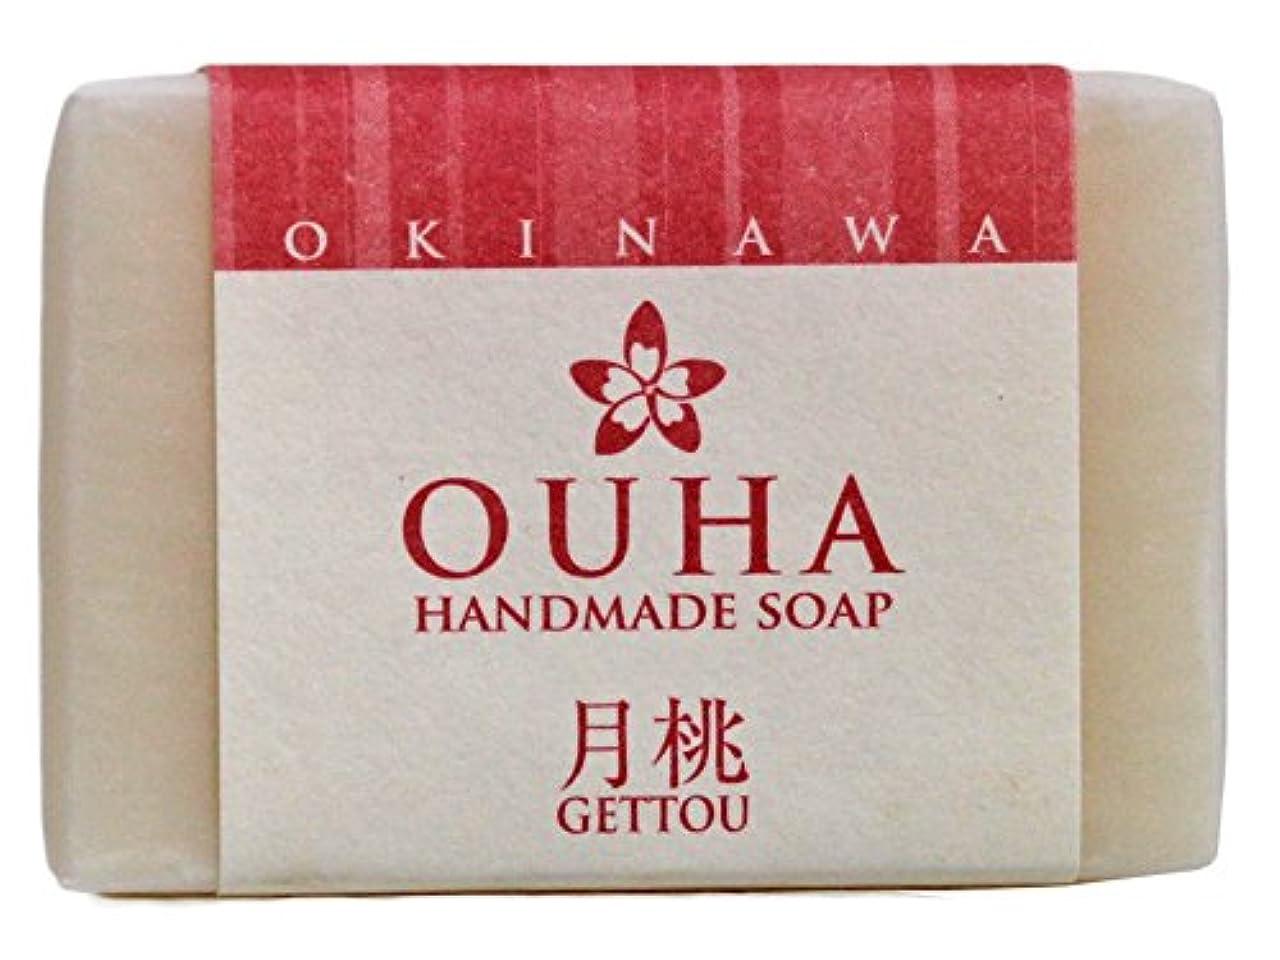 小さなギャザーの配列沖縄手作り洗顔せっけん OUHAソープ 月桃 47g